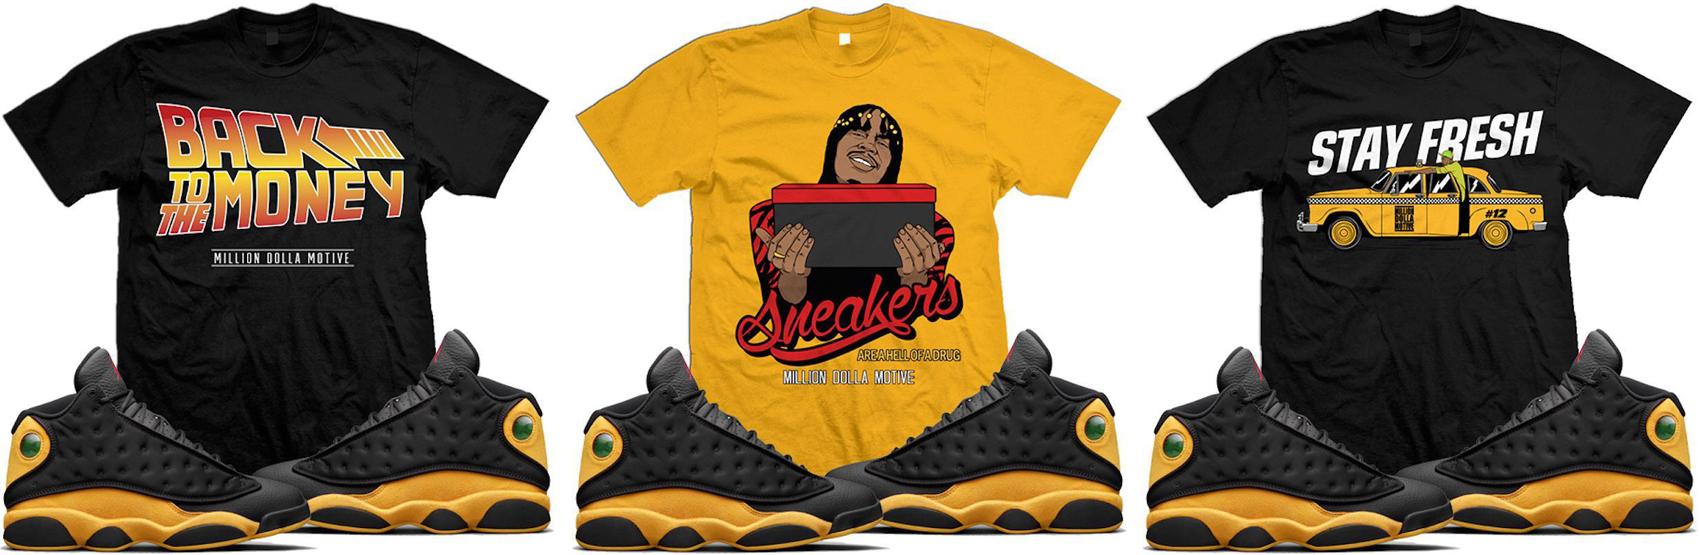 jordan-13-melo-oak-hill-sneaker-tee-shirts-million-dolla-motive